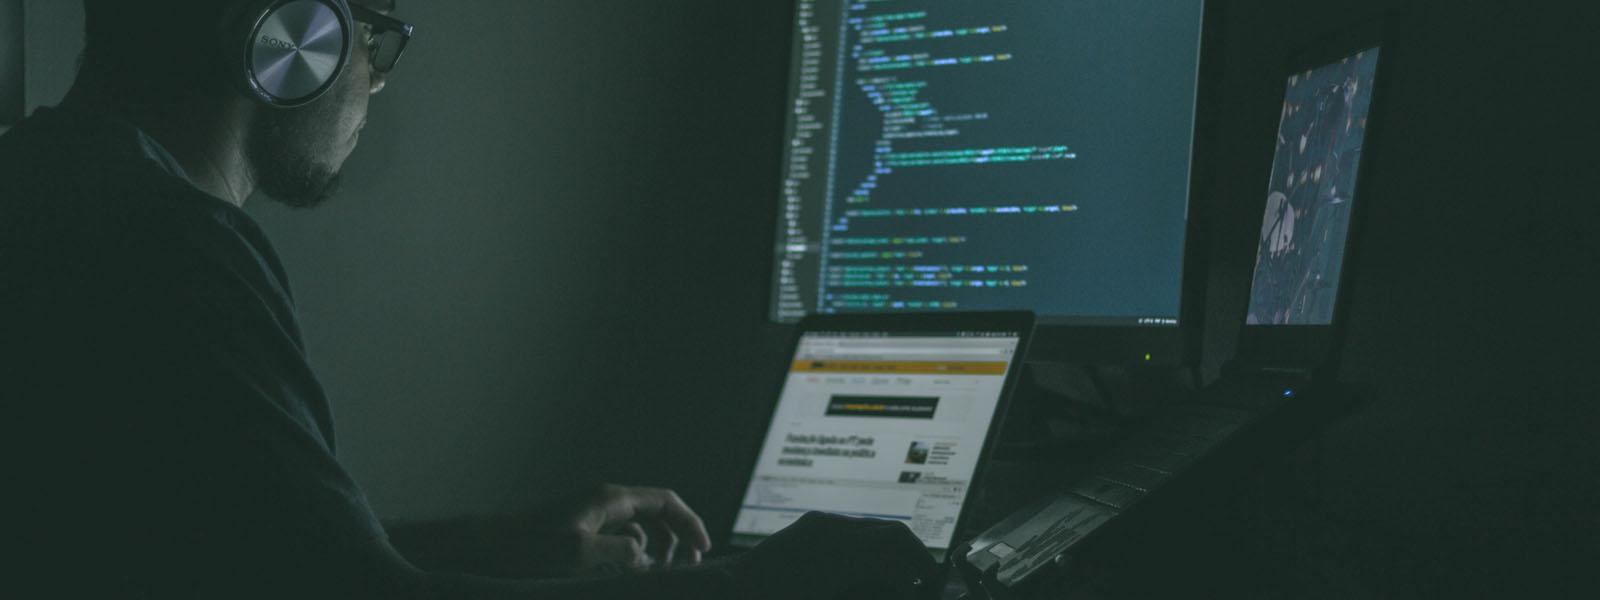 endpoint protection - Datenschutz von Ingerson Consulting aus Düsseldorf